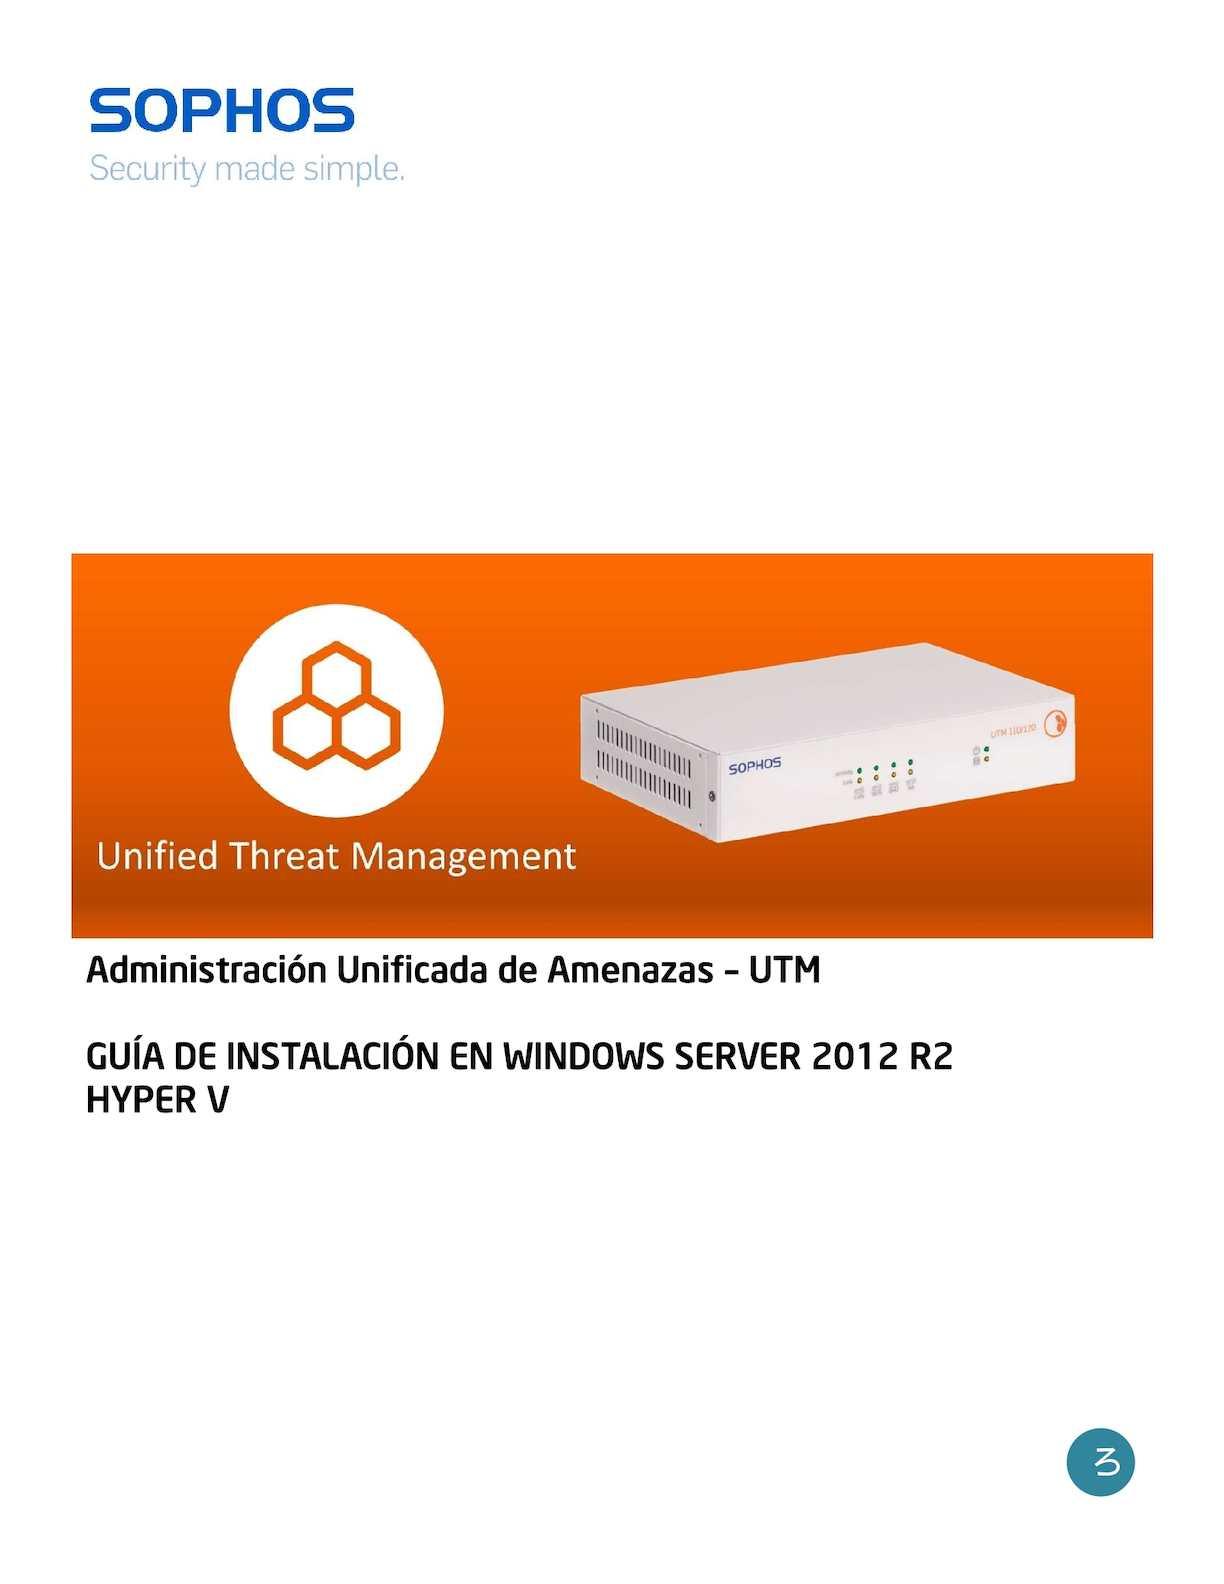 Manual UTM Sophos en Hyper-V - CALAMEO Downloader